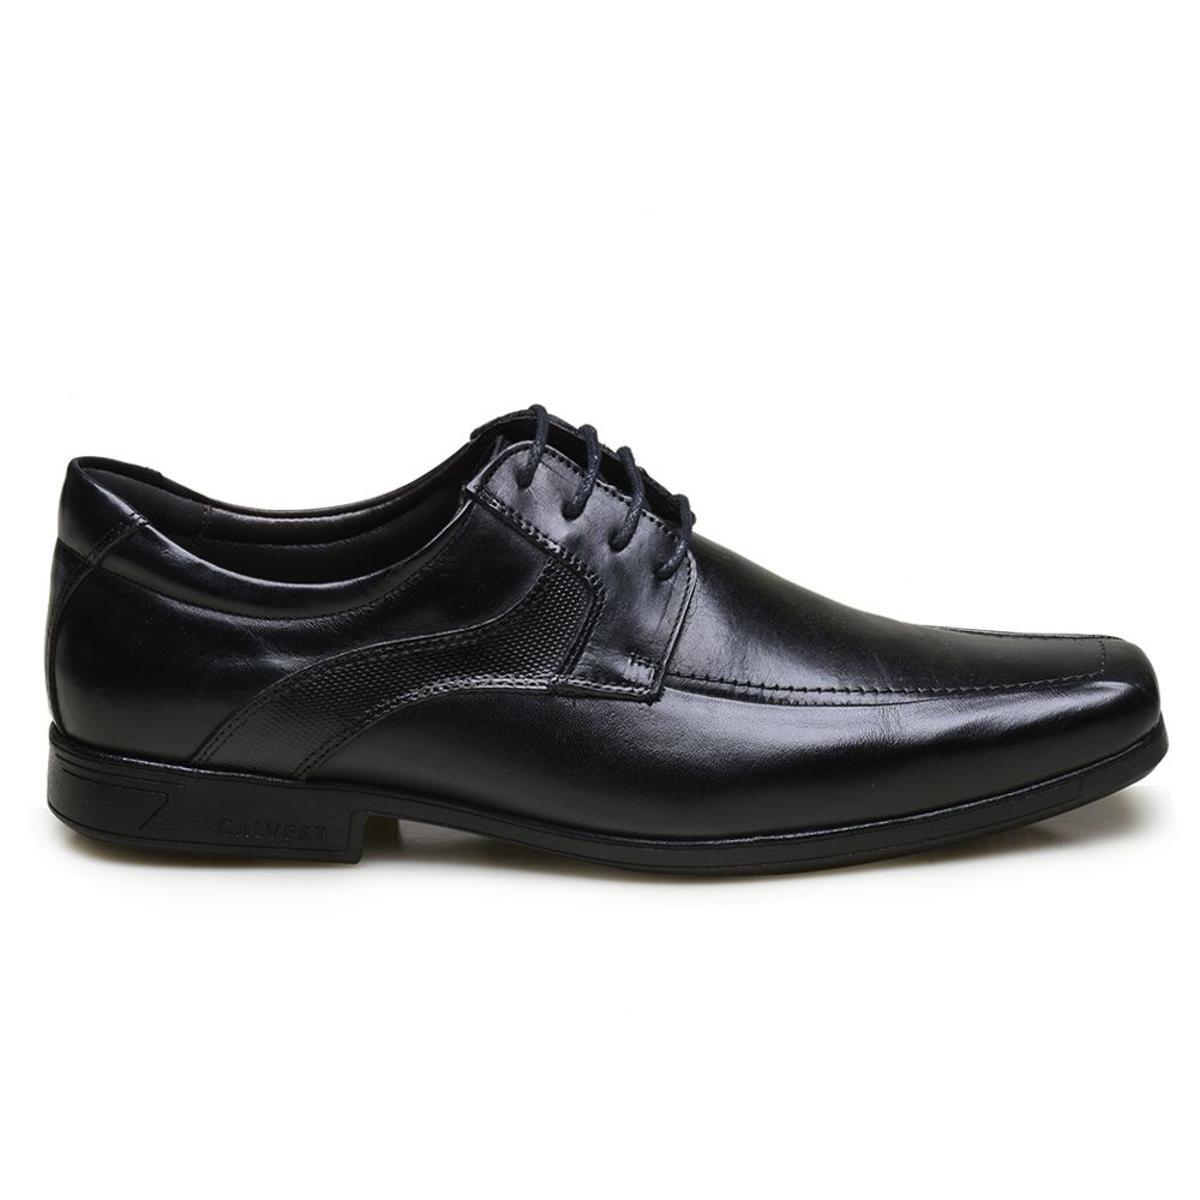 Sapato Sapato em Calvest Social Diplomata Social em Couro Preto Couro rgtwgq